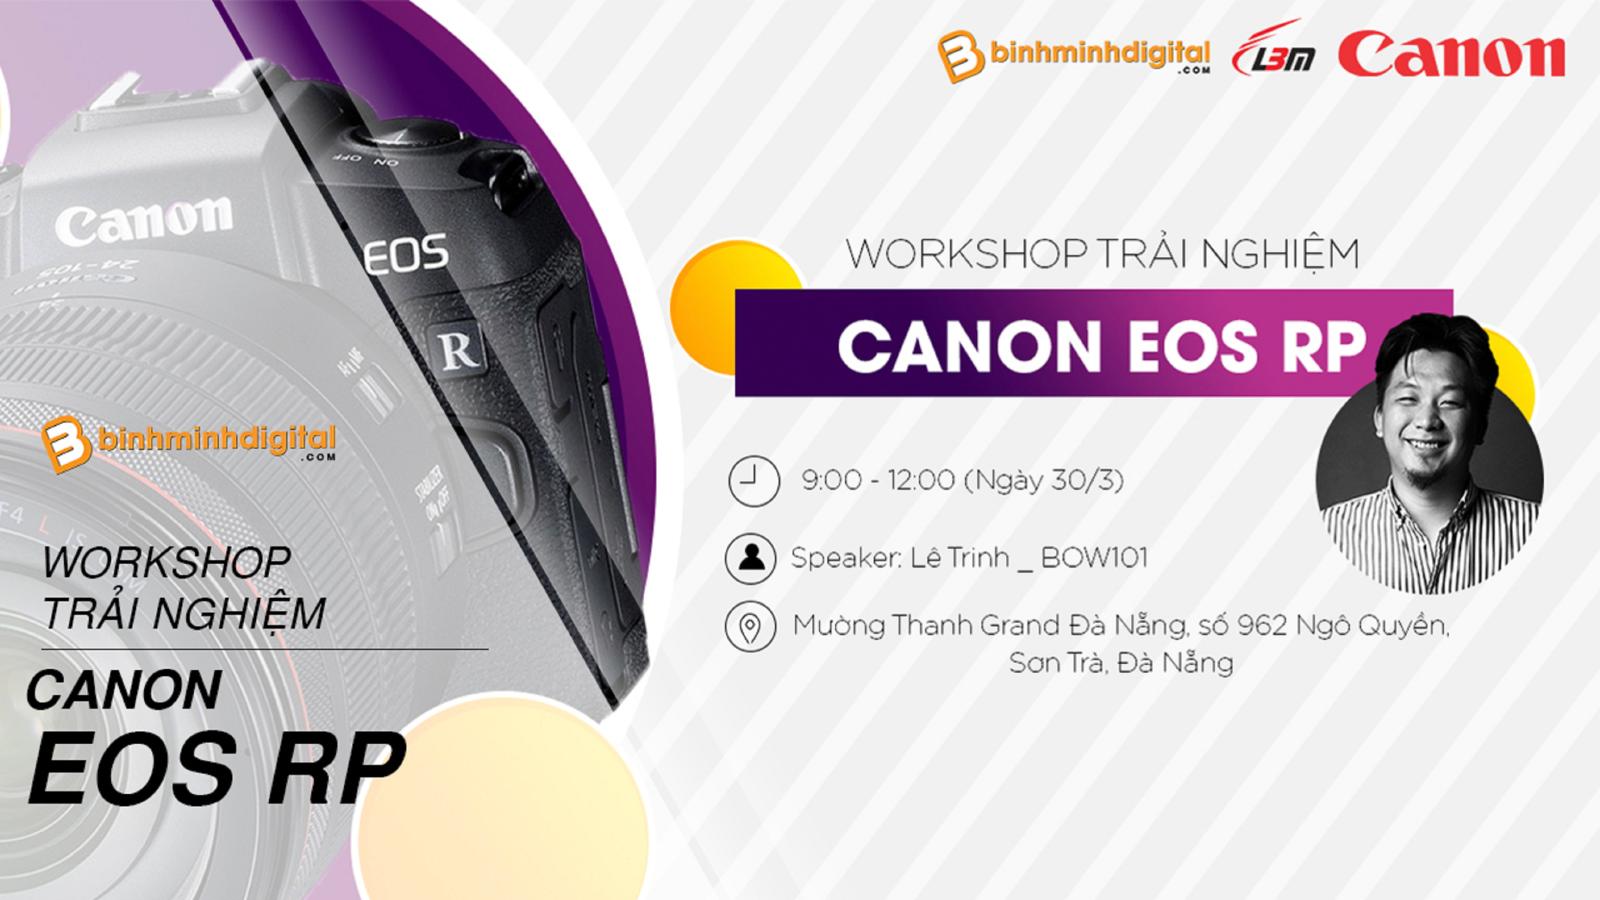 Workshop: Trải Nghiệm Canon EOS RP tại Đà Nẵng